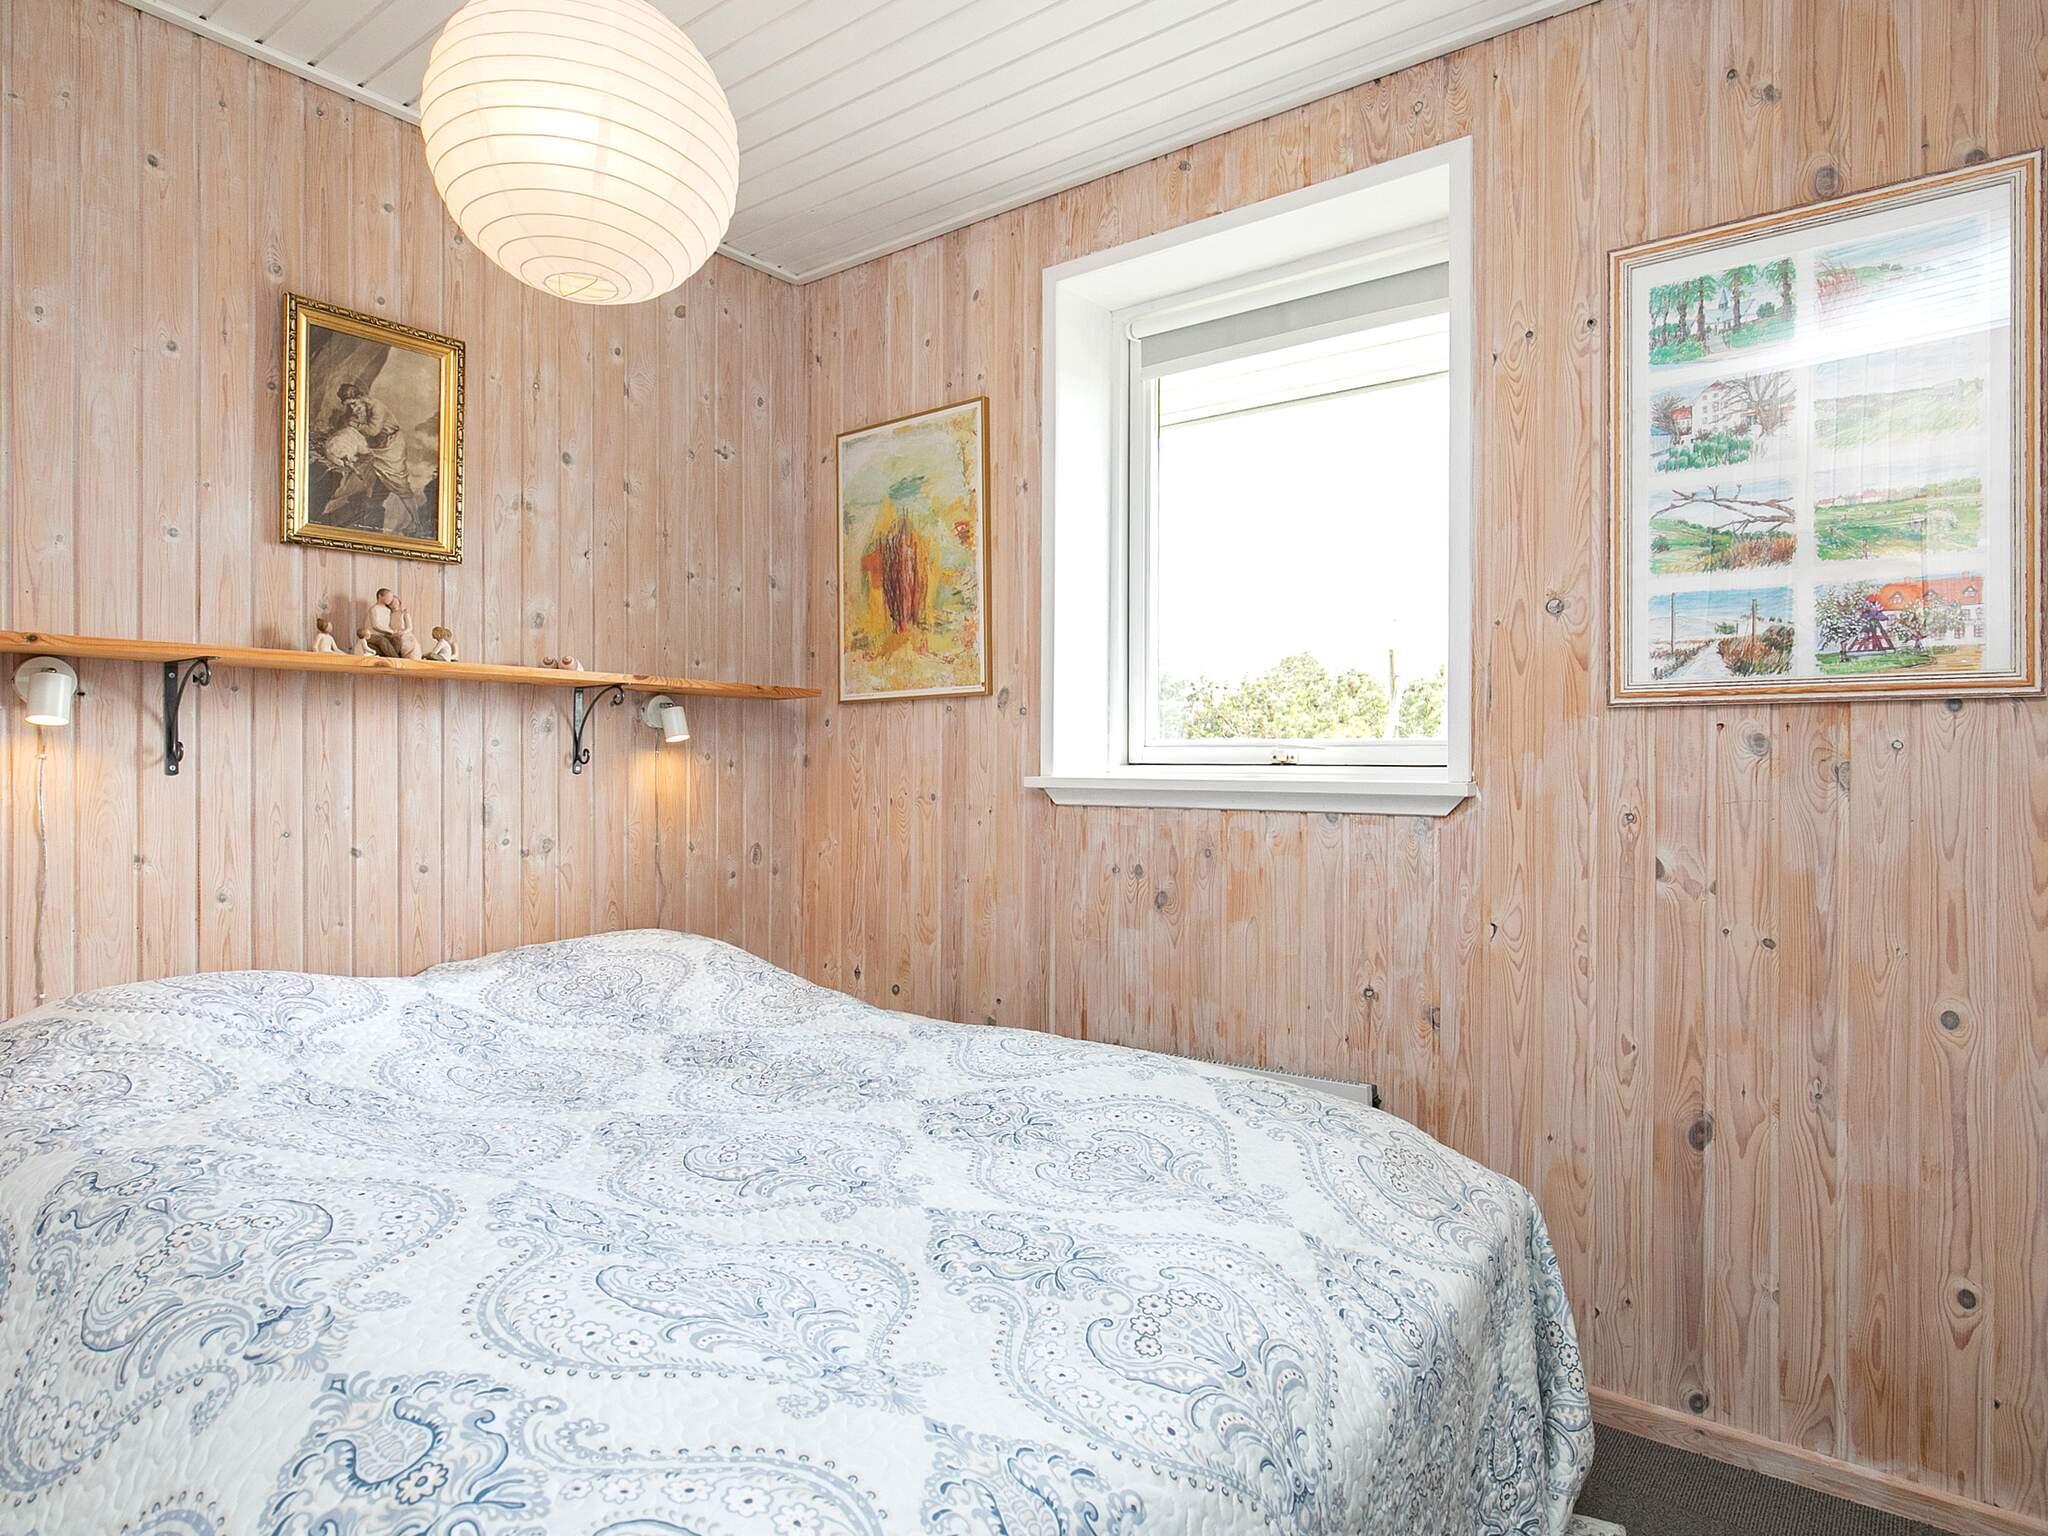 Ferienhaus Kjul Strand (1764453), Hirtshals, , Nordwestjütland, Dänemark, Bild 11